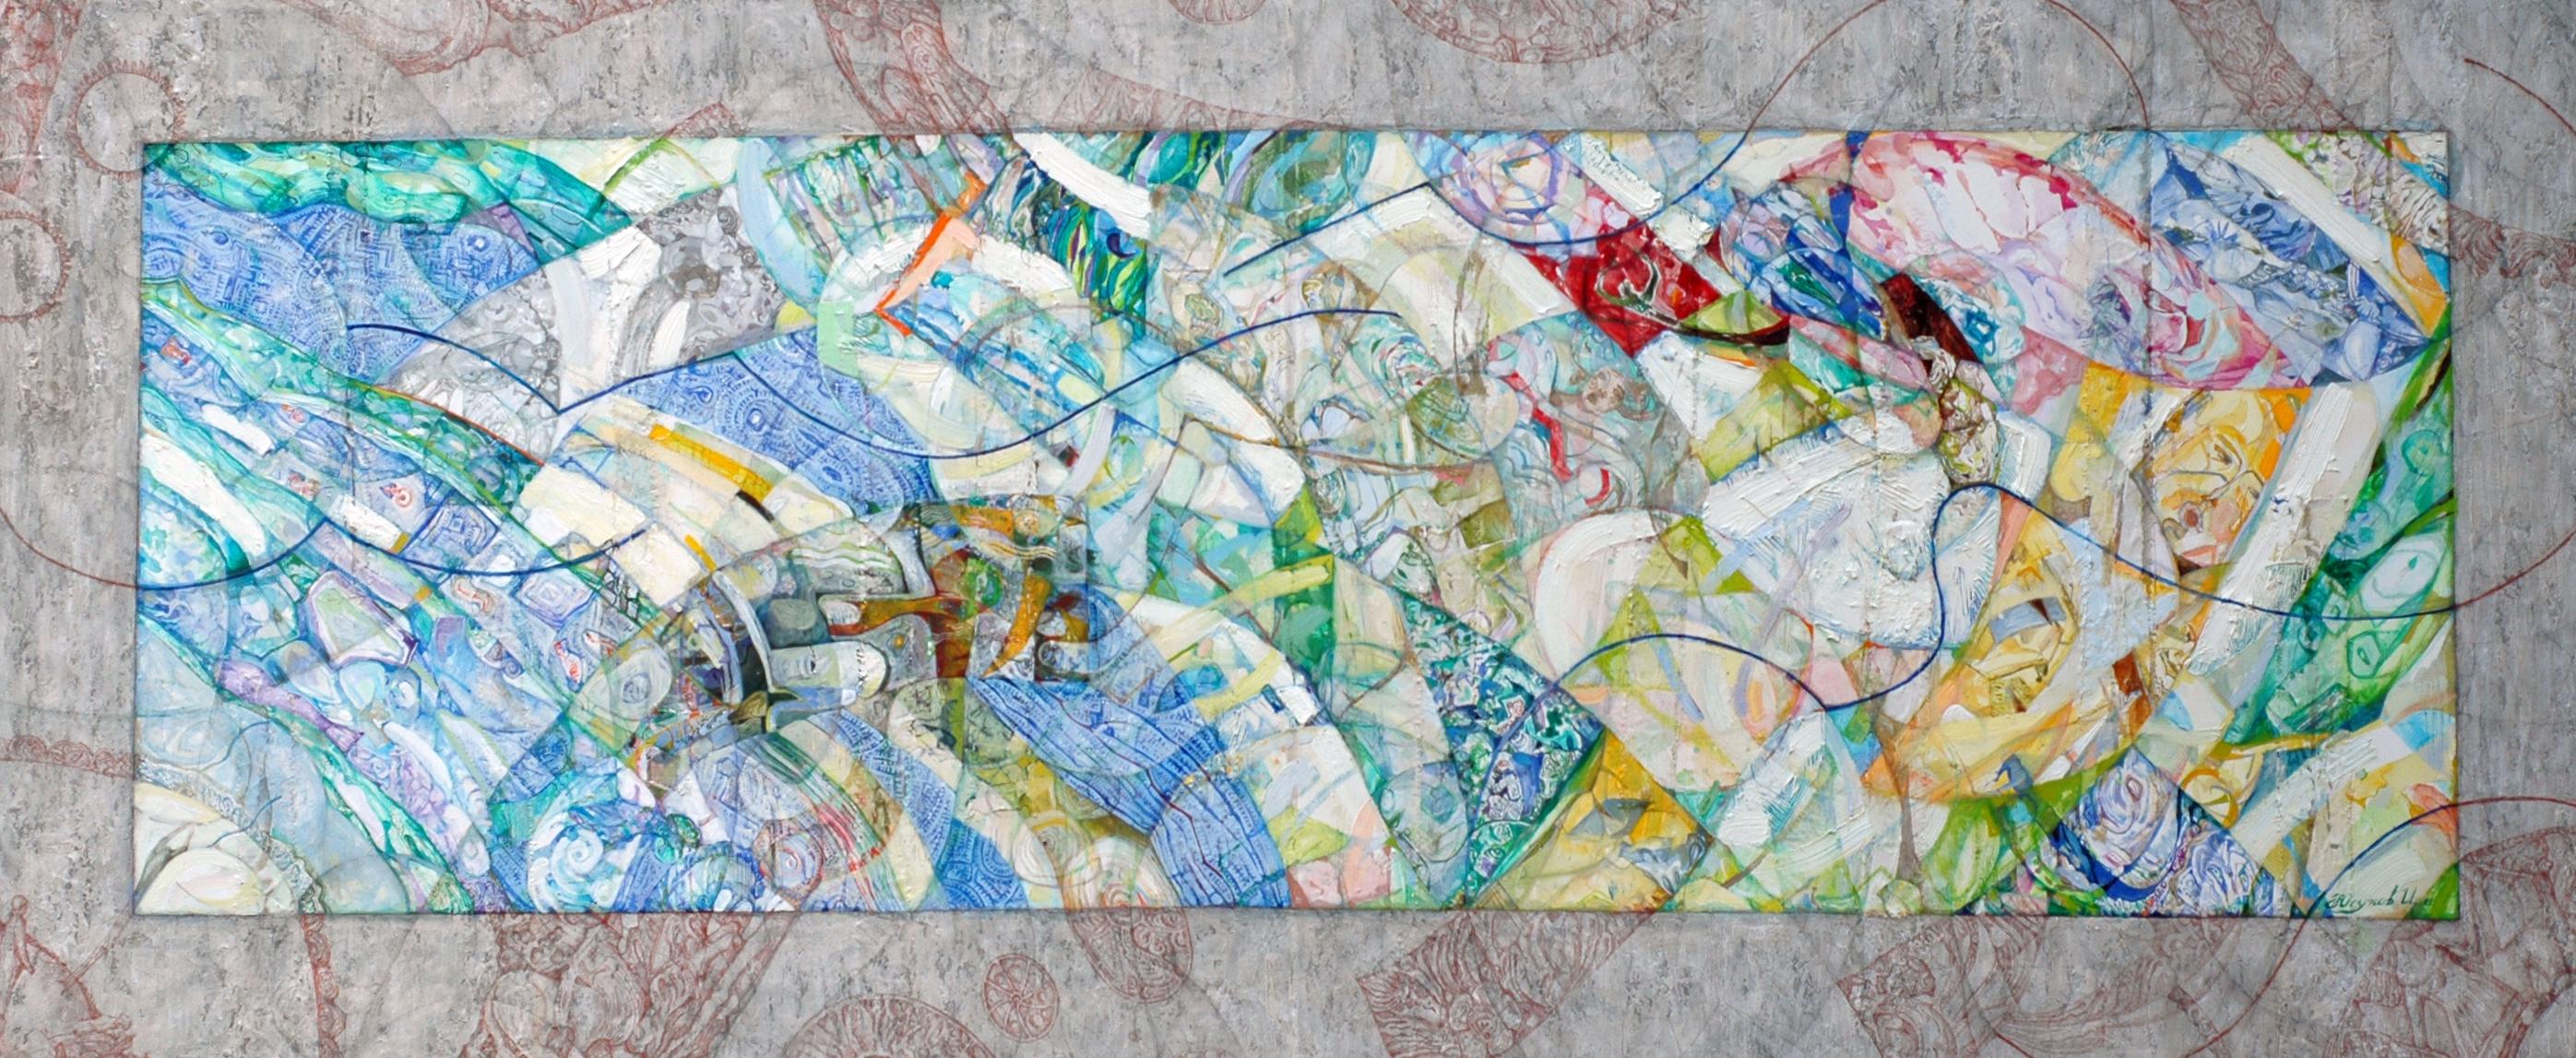 Kite sellers 2011 100x240